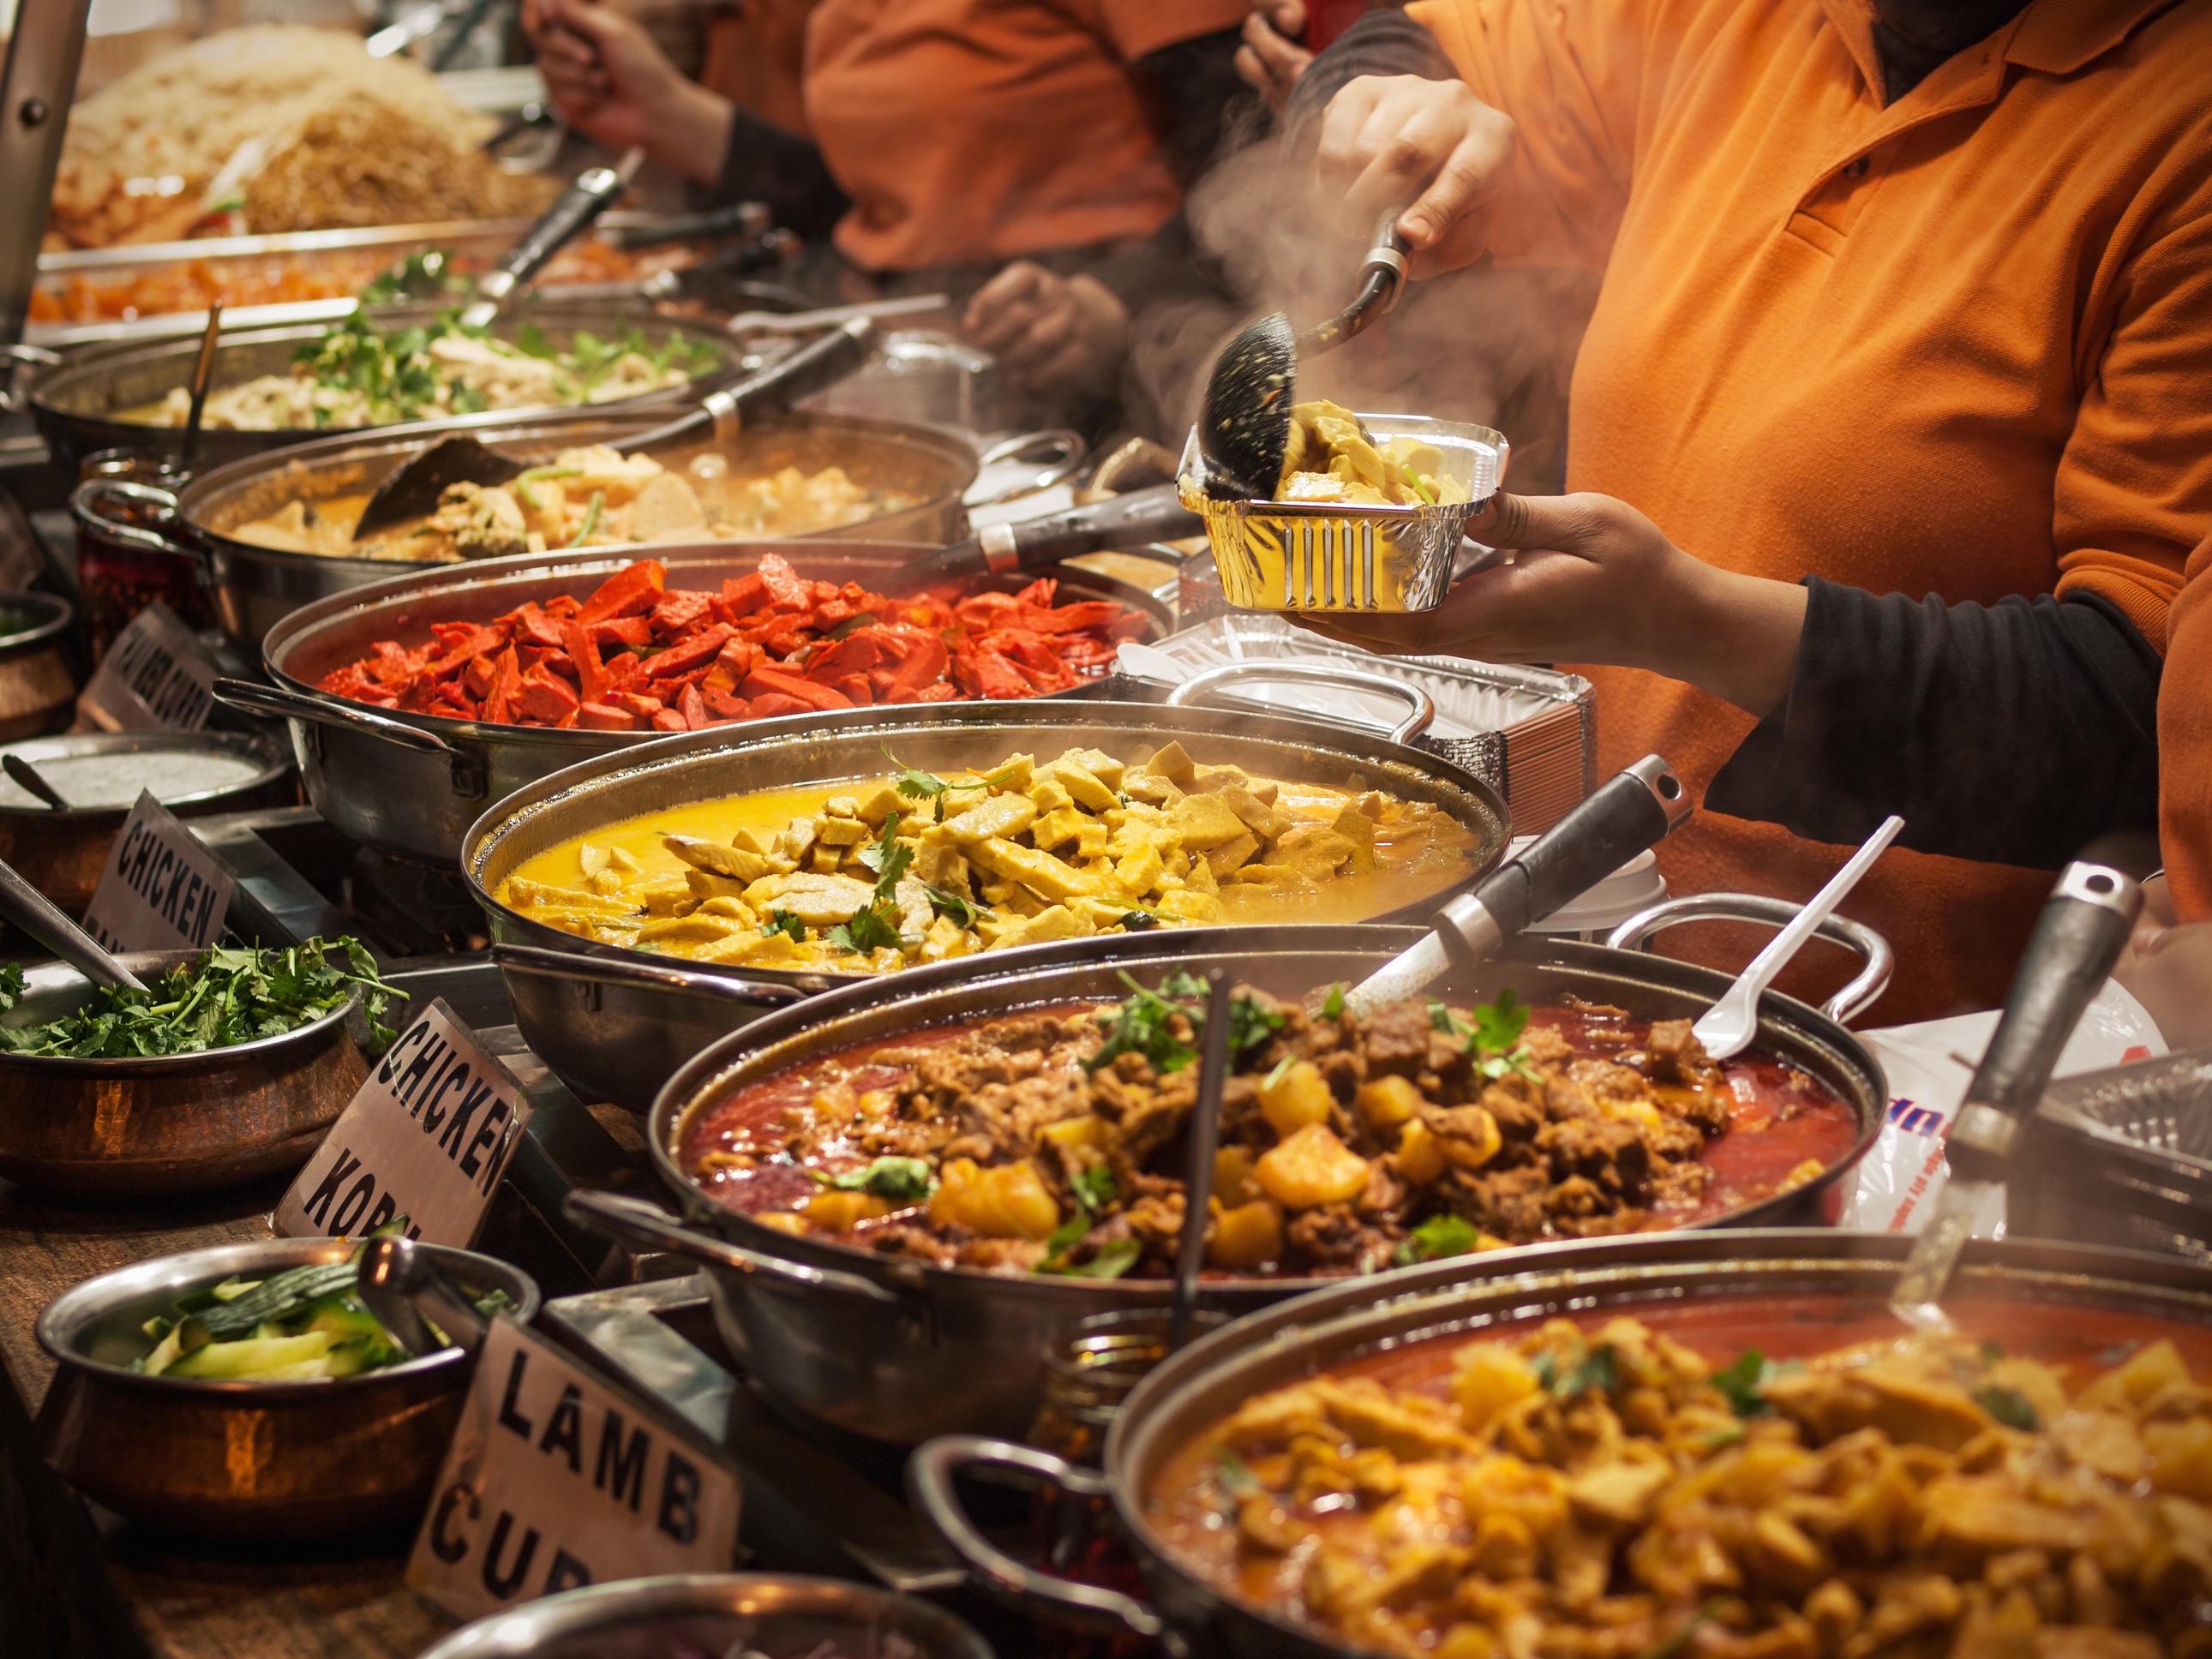 Alimentos. 600 milhões de toneladas desperdiçados antes de chegarem ao prato